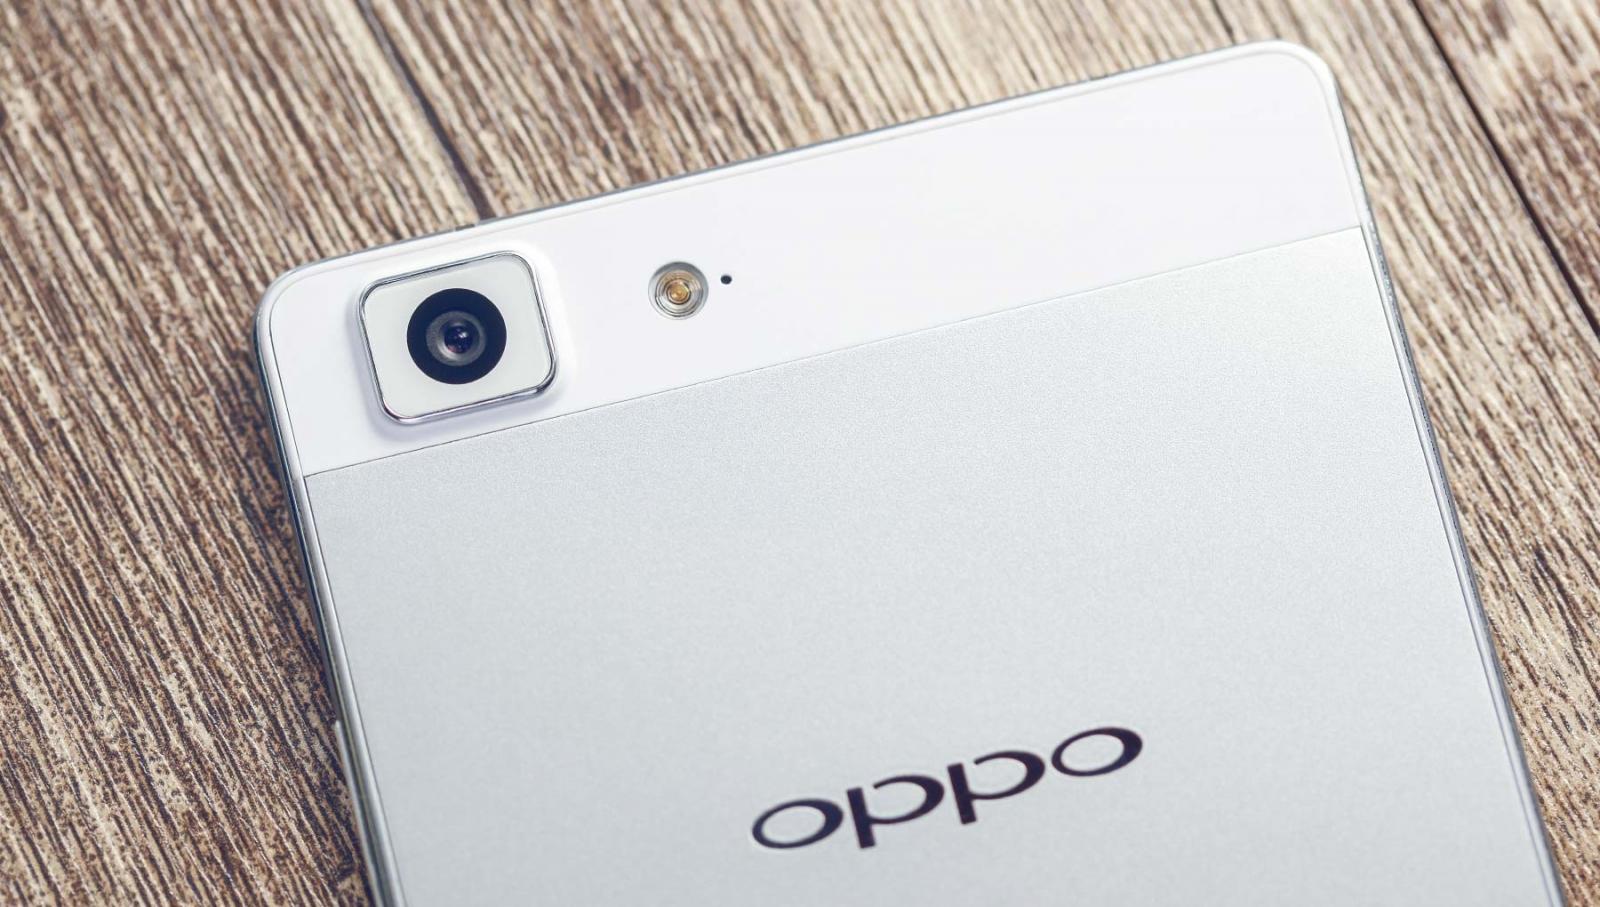 Oppo Revealed a new brand mobile OPPO R9